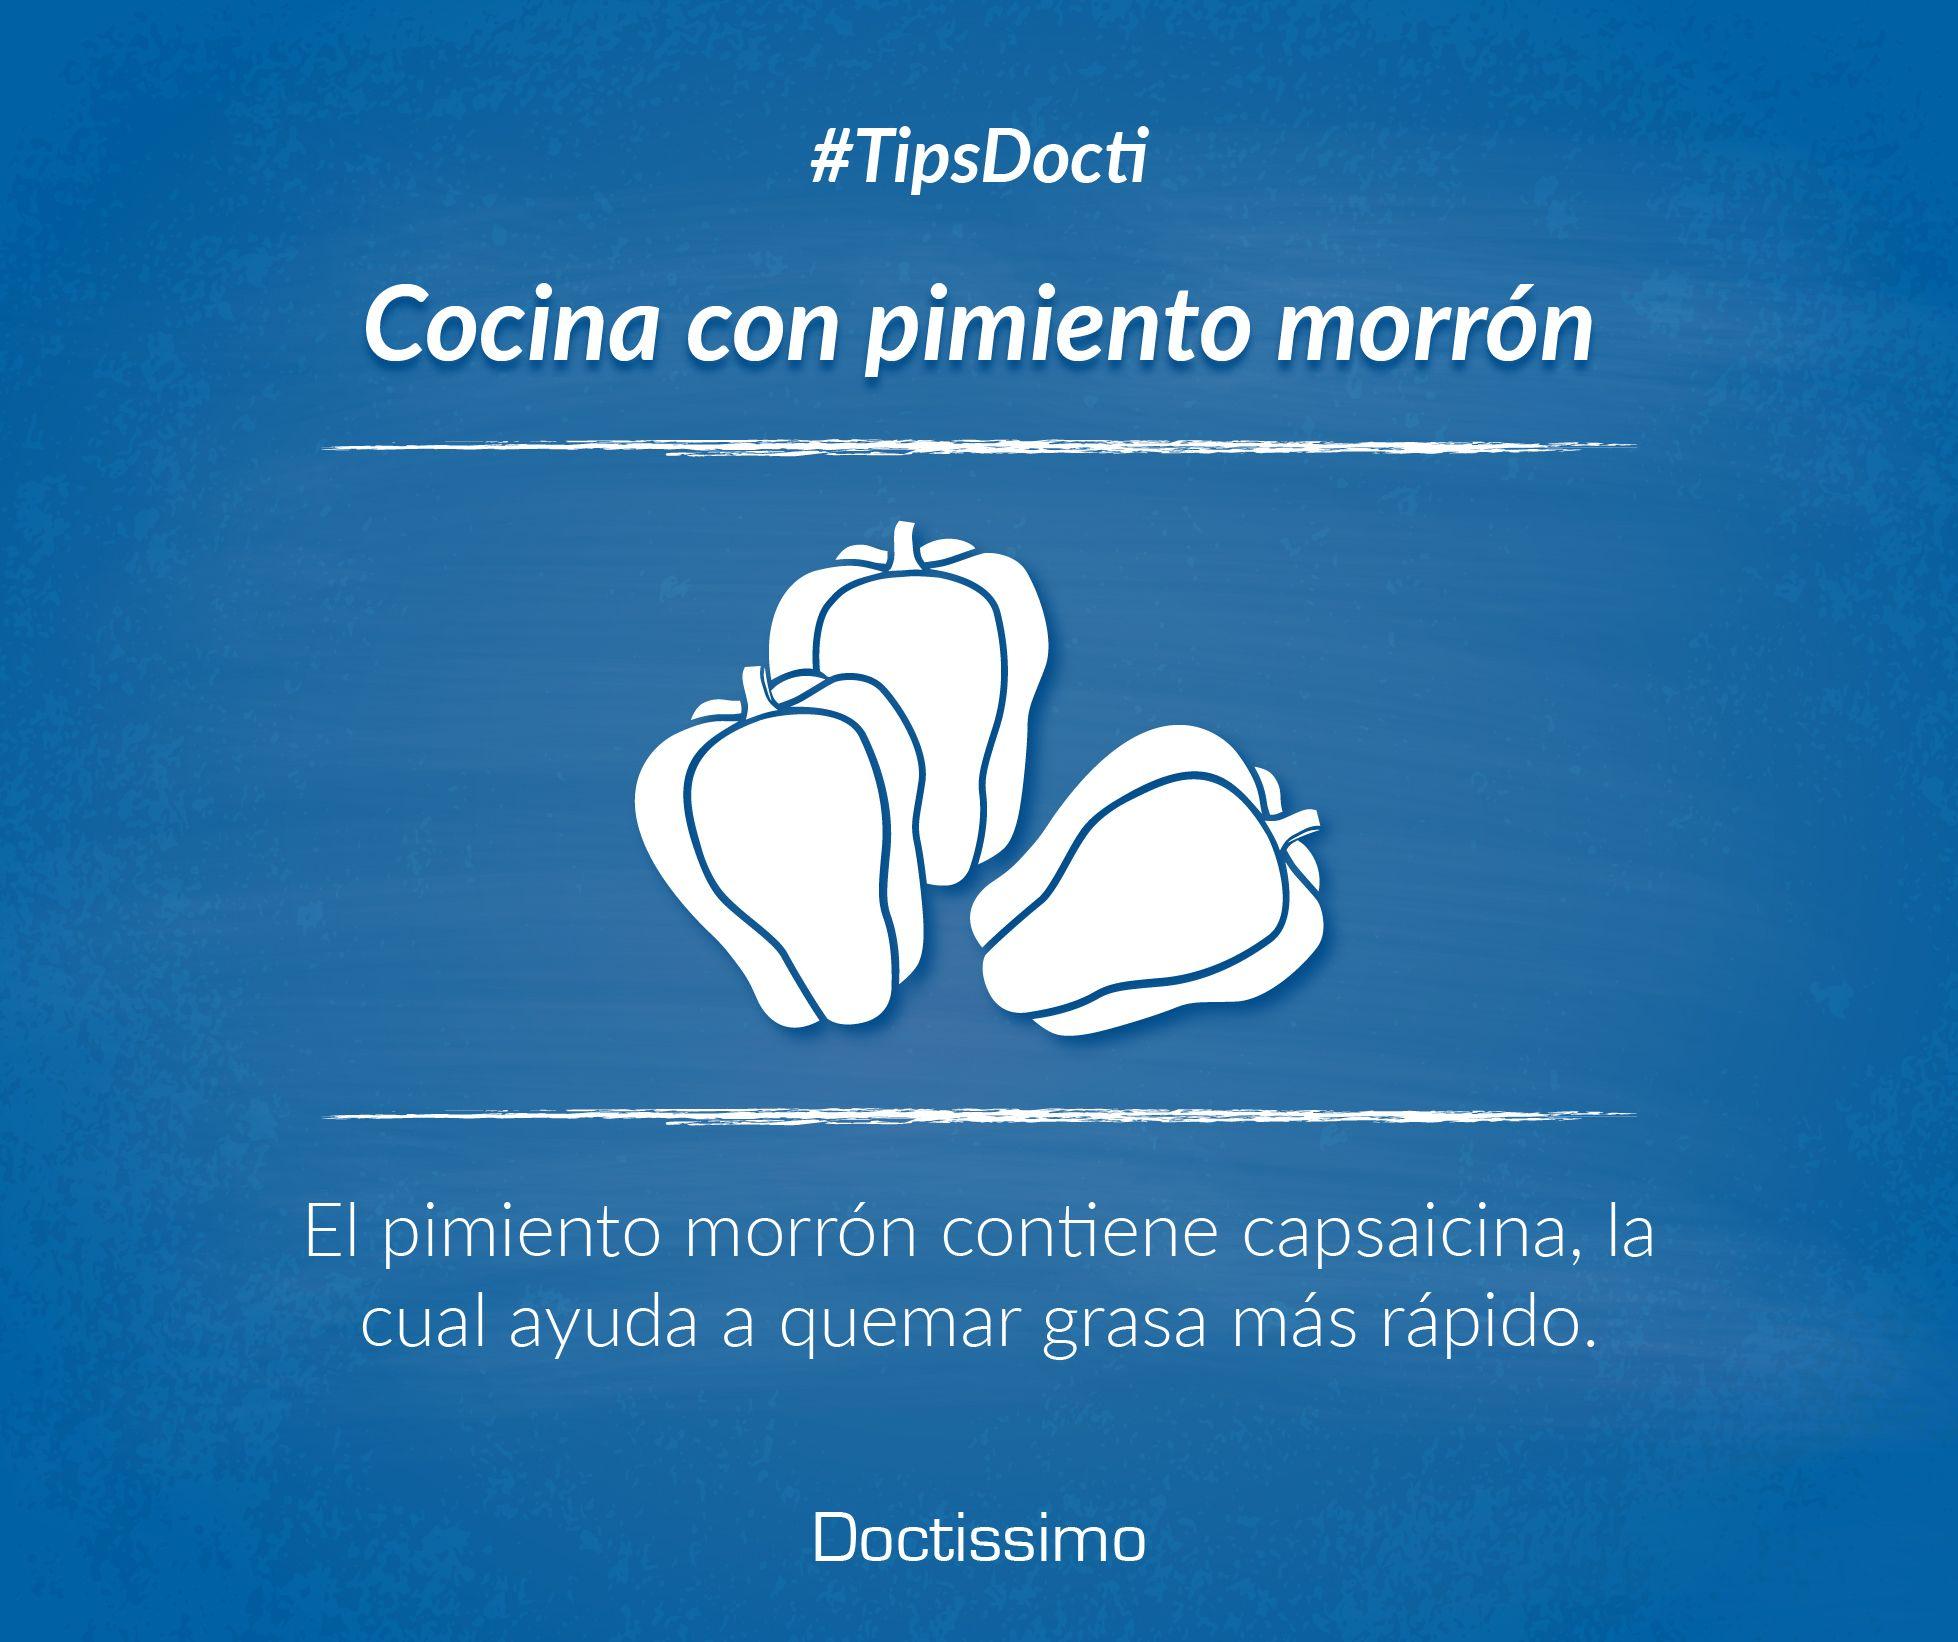 #TipsDocti ¿Sabías qué si un pimiento tiene tres protuberancias, su sabor será dulce y servirá para ensaladas?   #nutrición #recetas #tipscocina #pimientomorrón